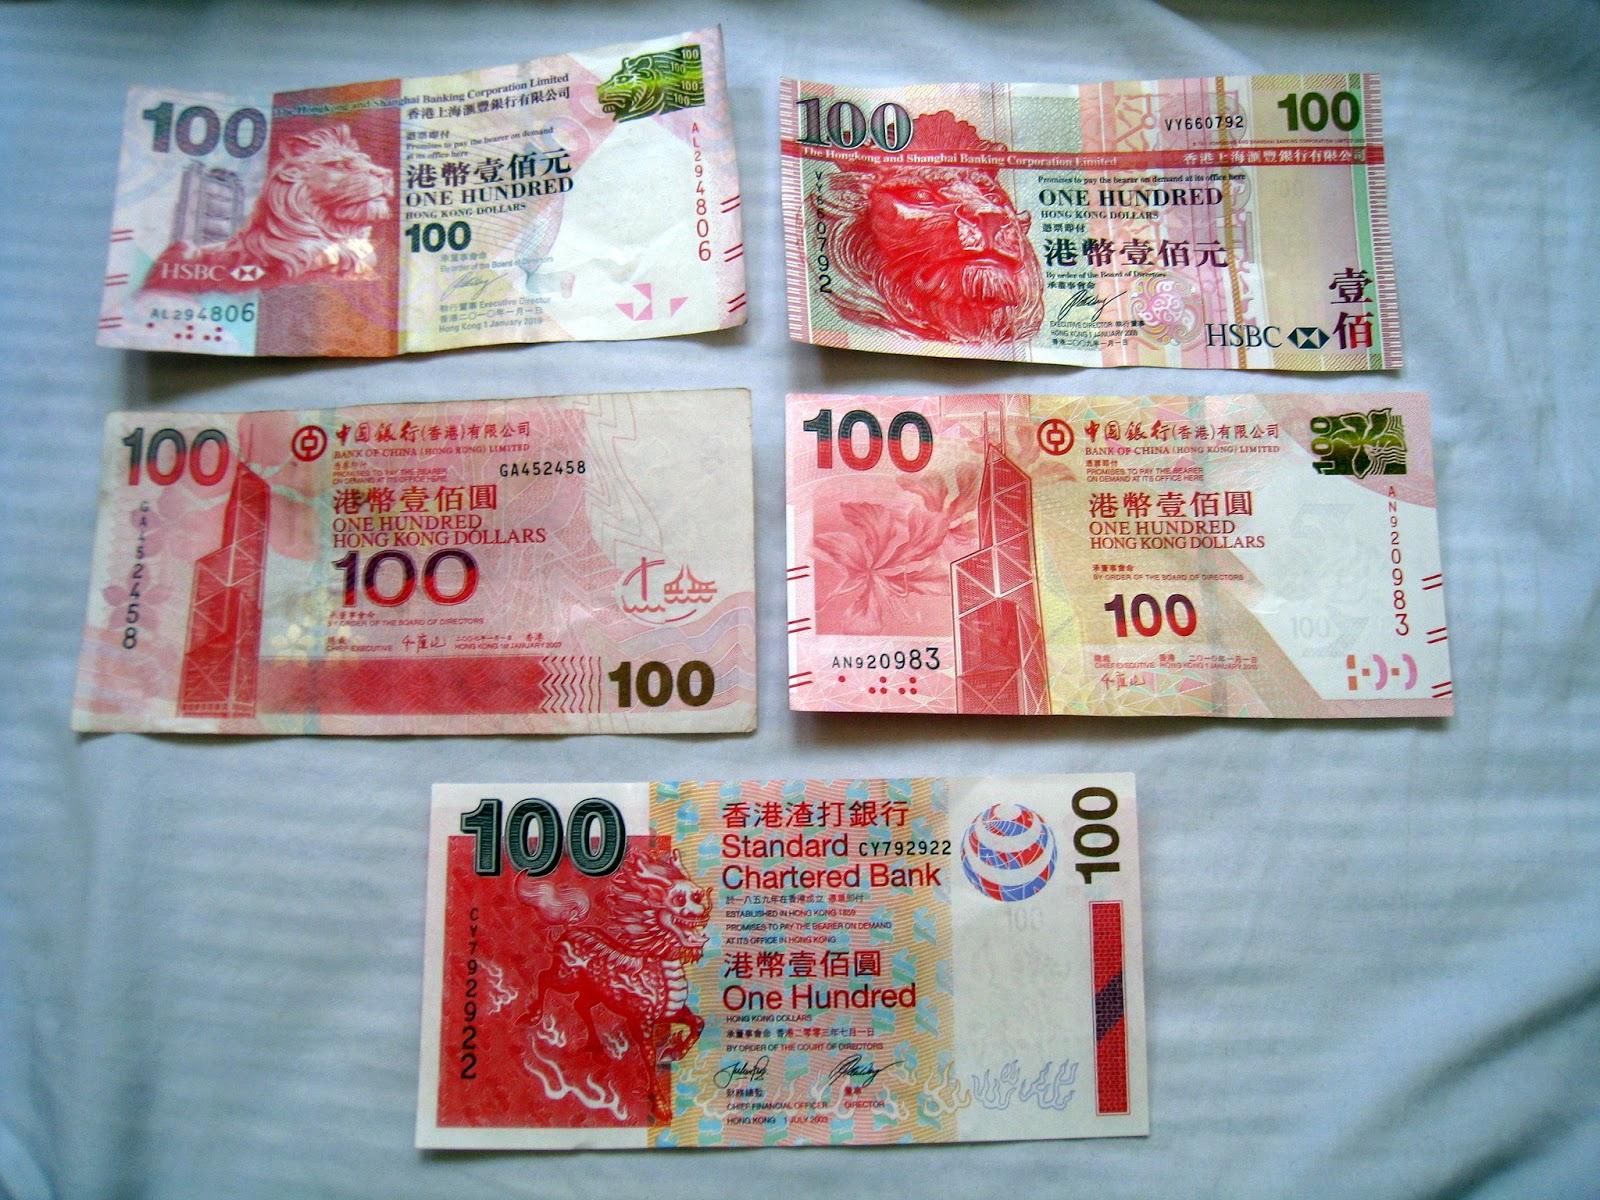 香港三天兩夜旅遊方案A-2簽證,換港幣之類的雜事